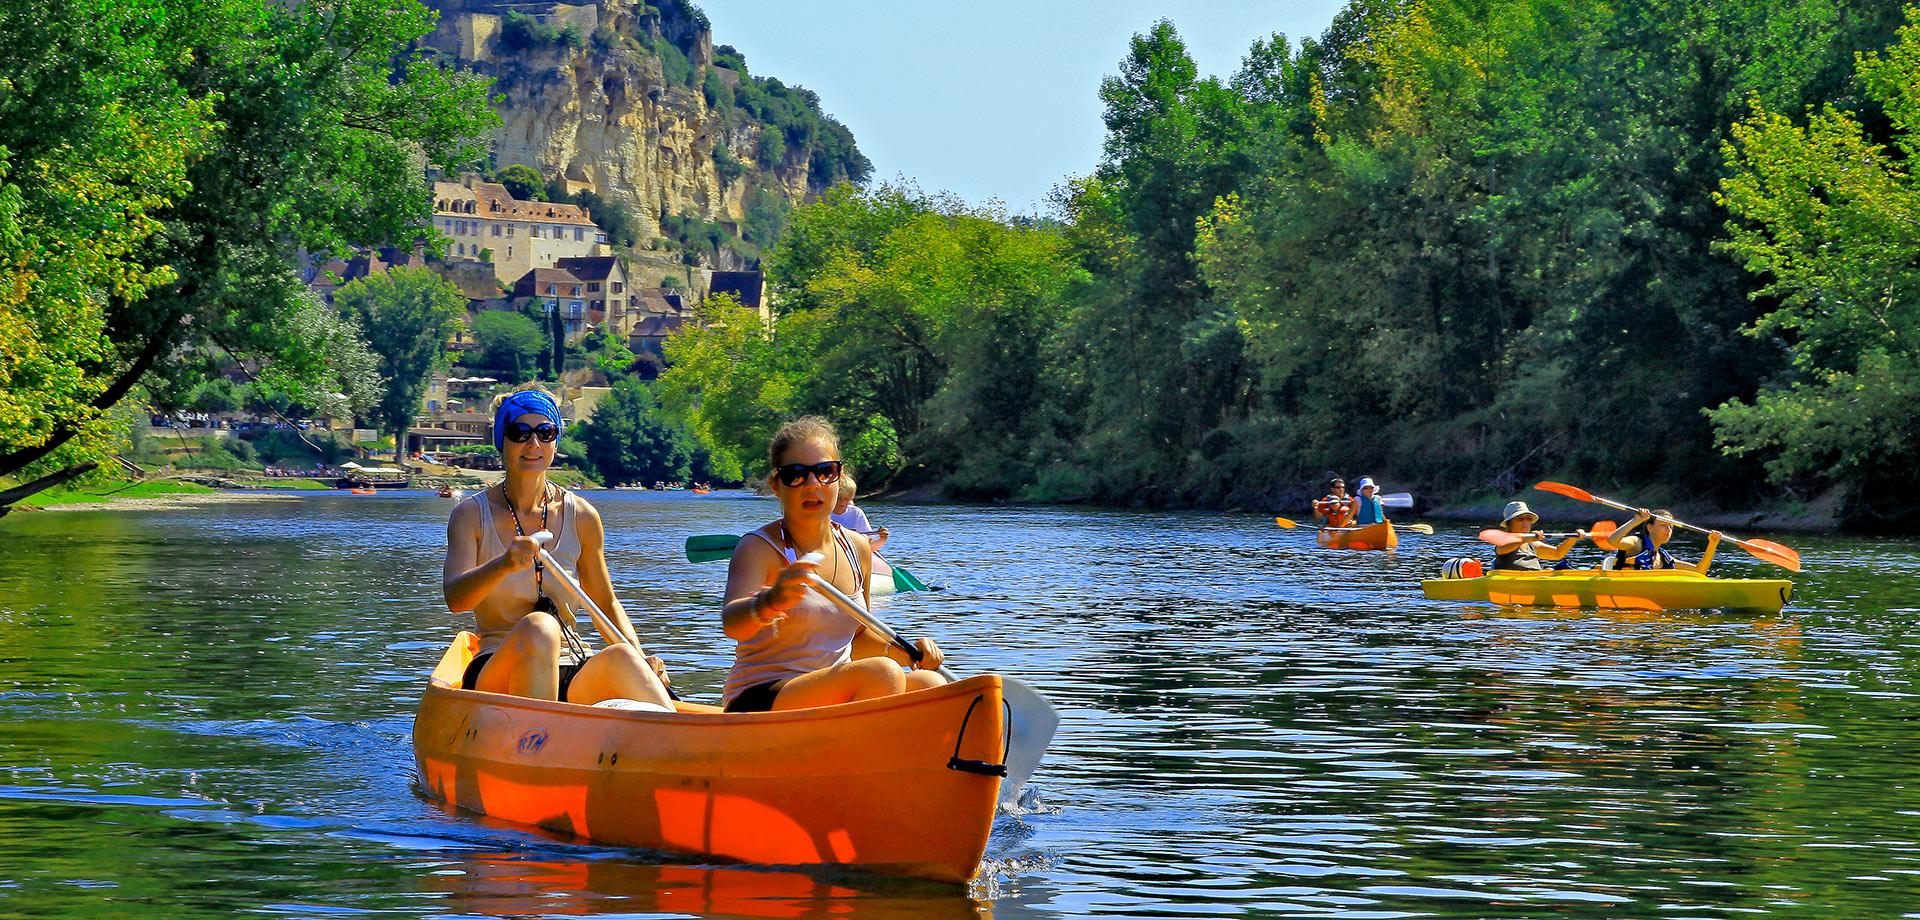 Beynac Canoës Vacances La Roque Gageac Louer un canoë ou un kayak pour découvrir la rivière Dordogne et ses châteaux